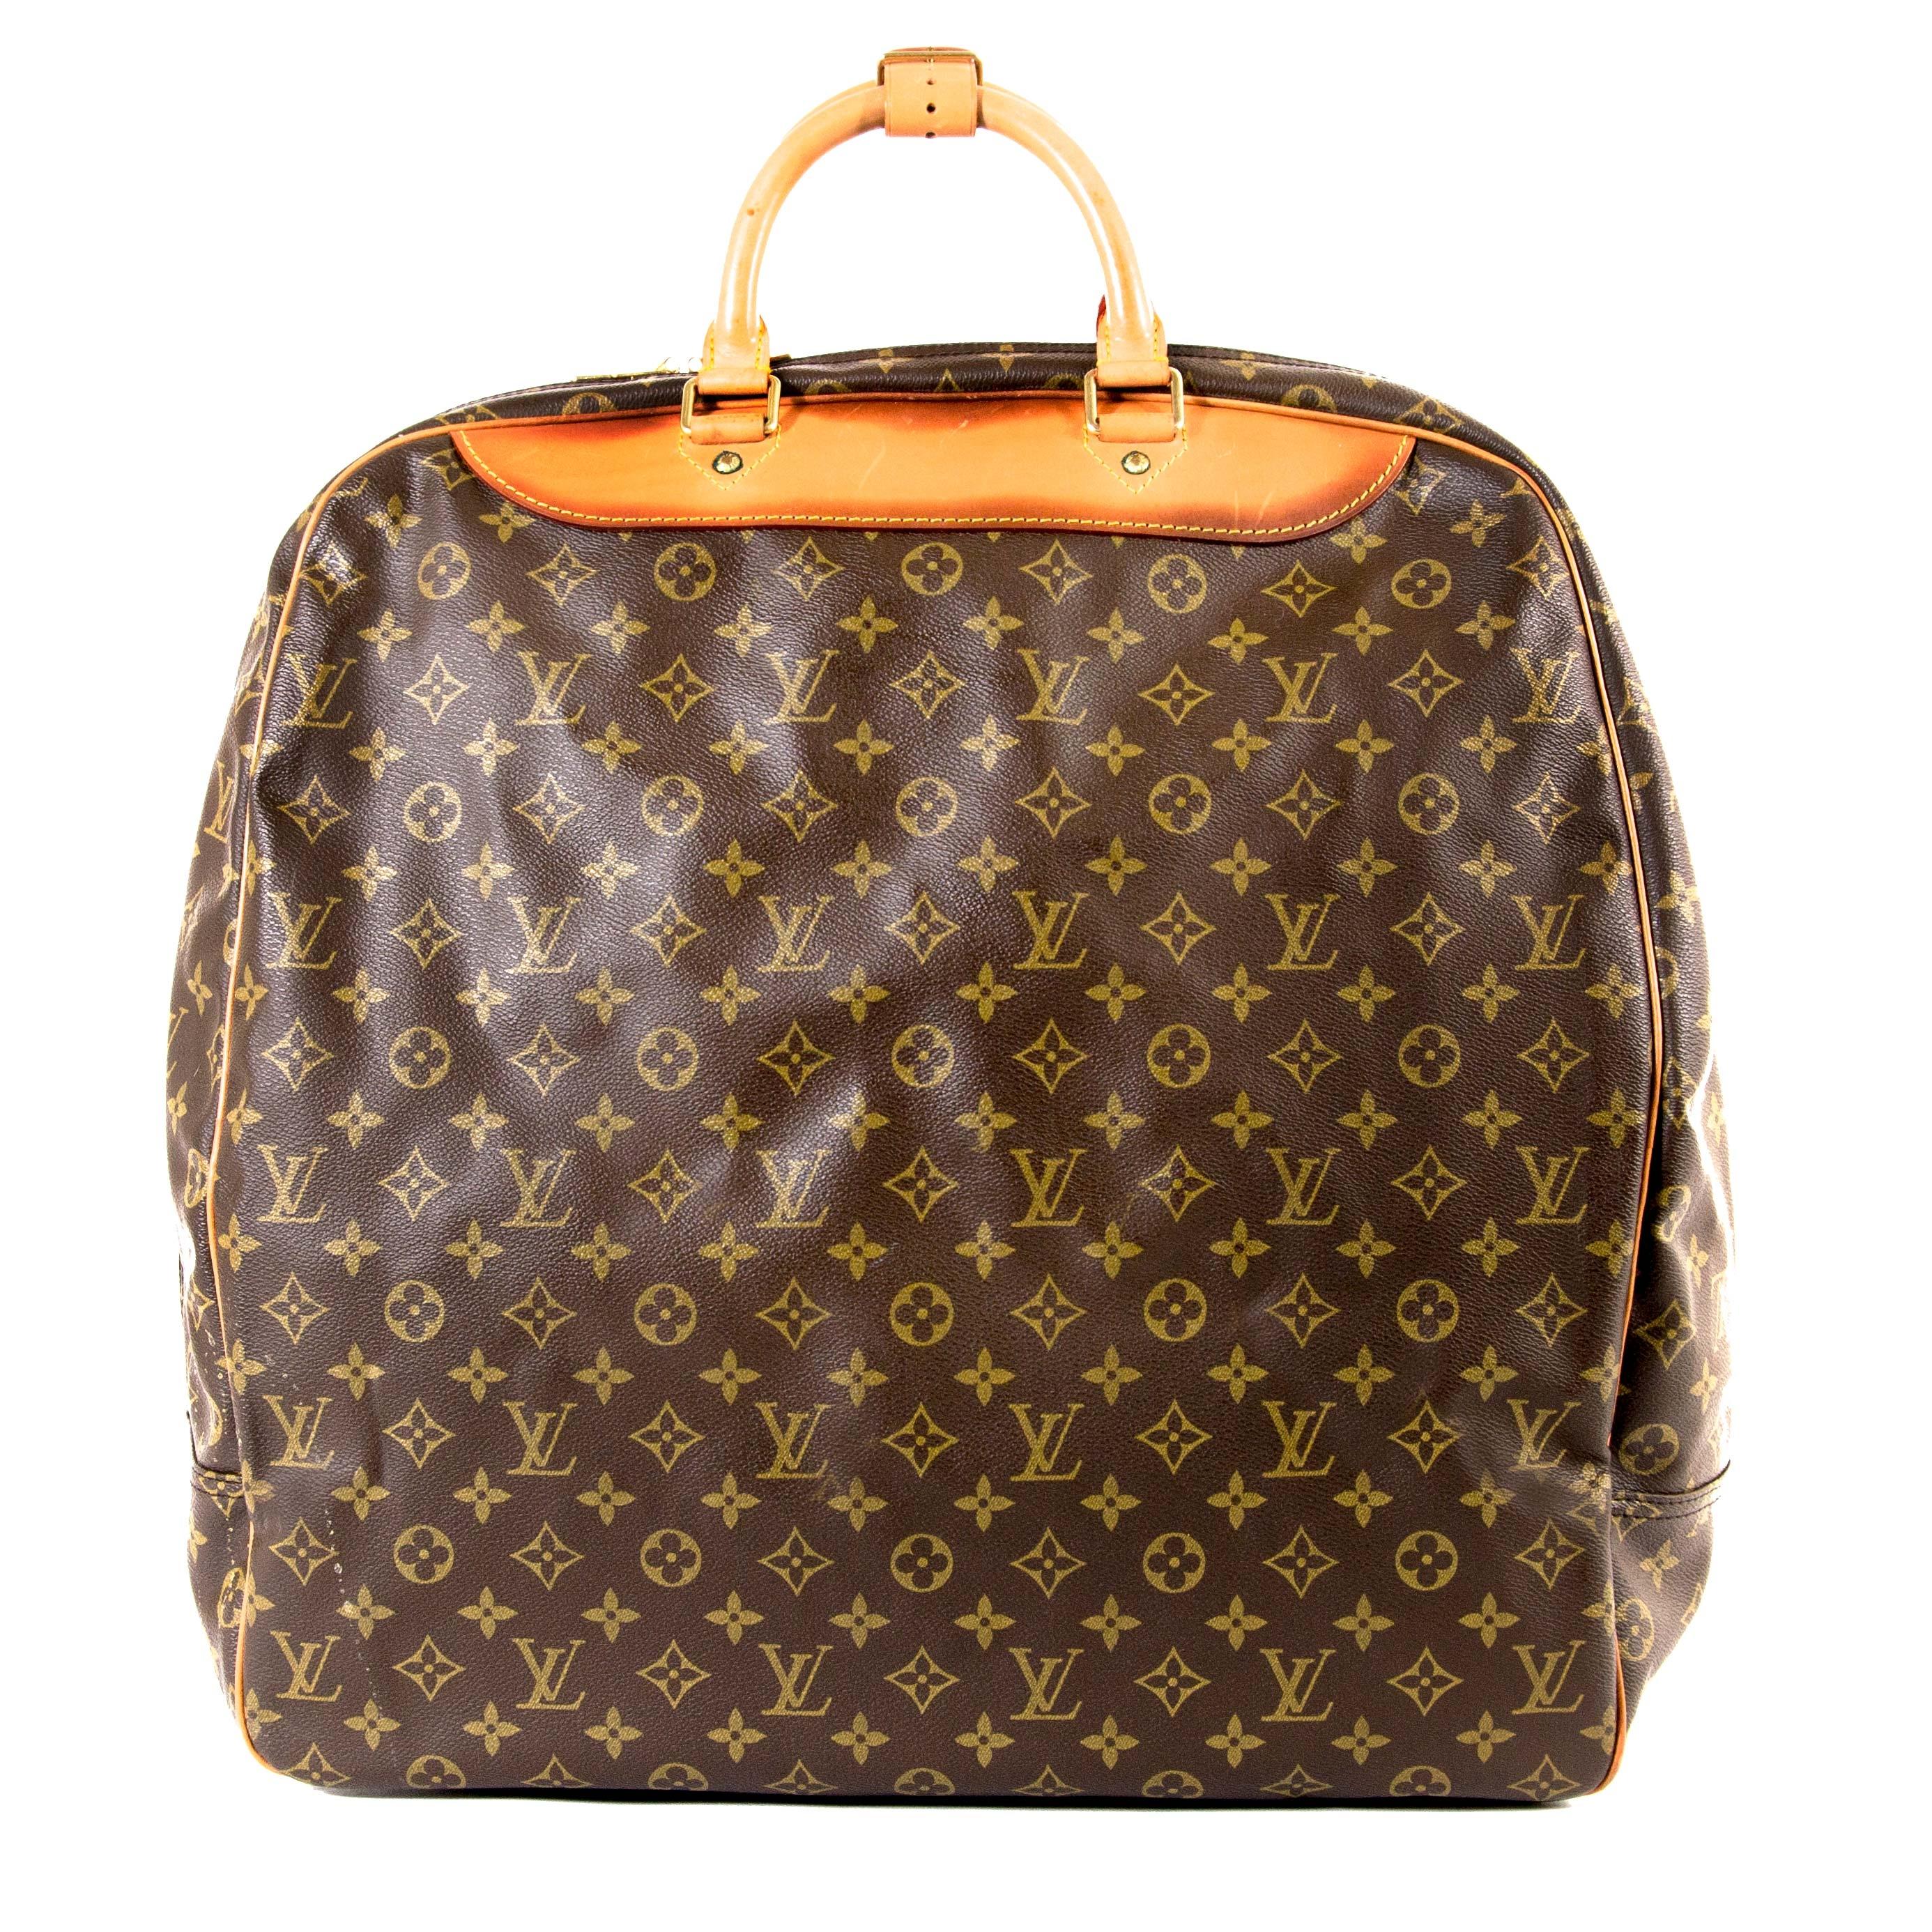 Koop uw 100% authentieke Louis Vuitton Evasion Travel Bag bij Labellov in Antwerpen